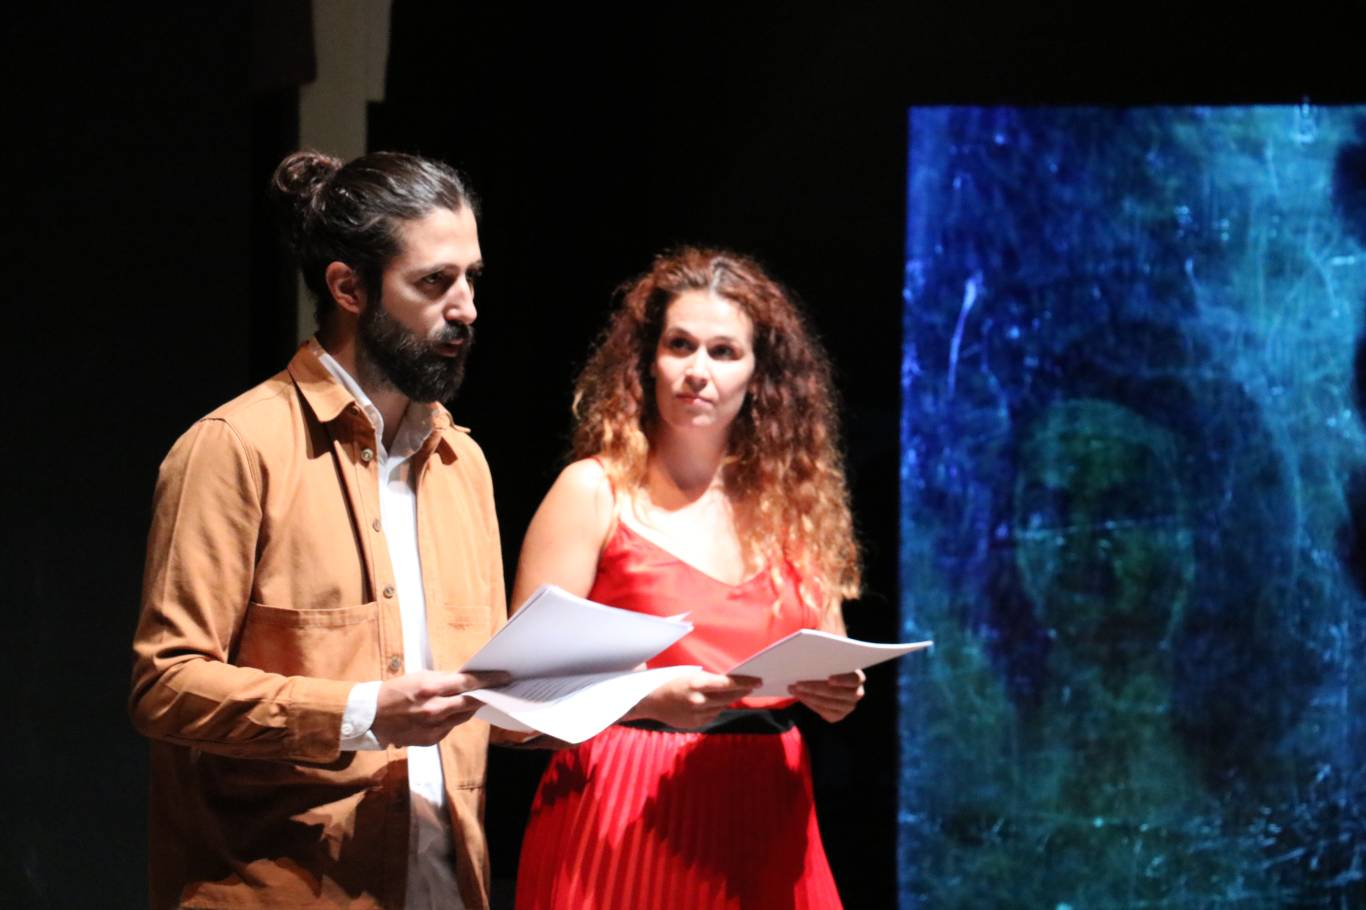 Darío Facal y Carlota Ferrer, Directores Artísticos del Corral de Comedias de Alcalá.